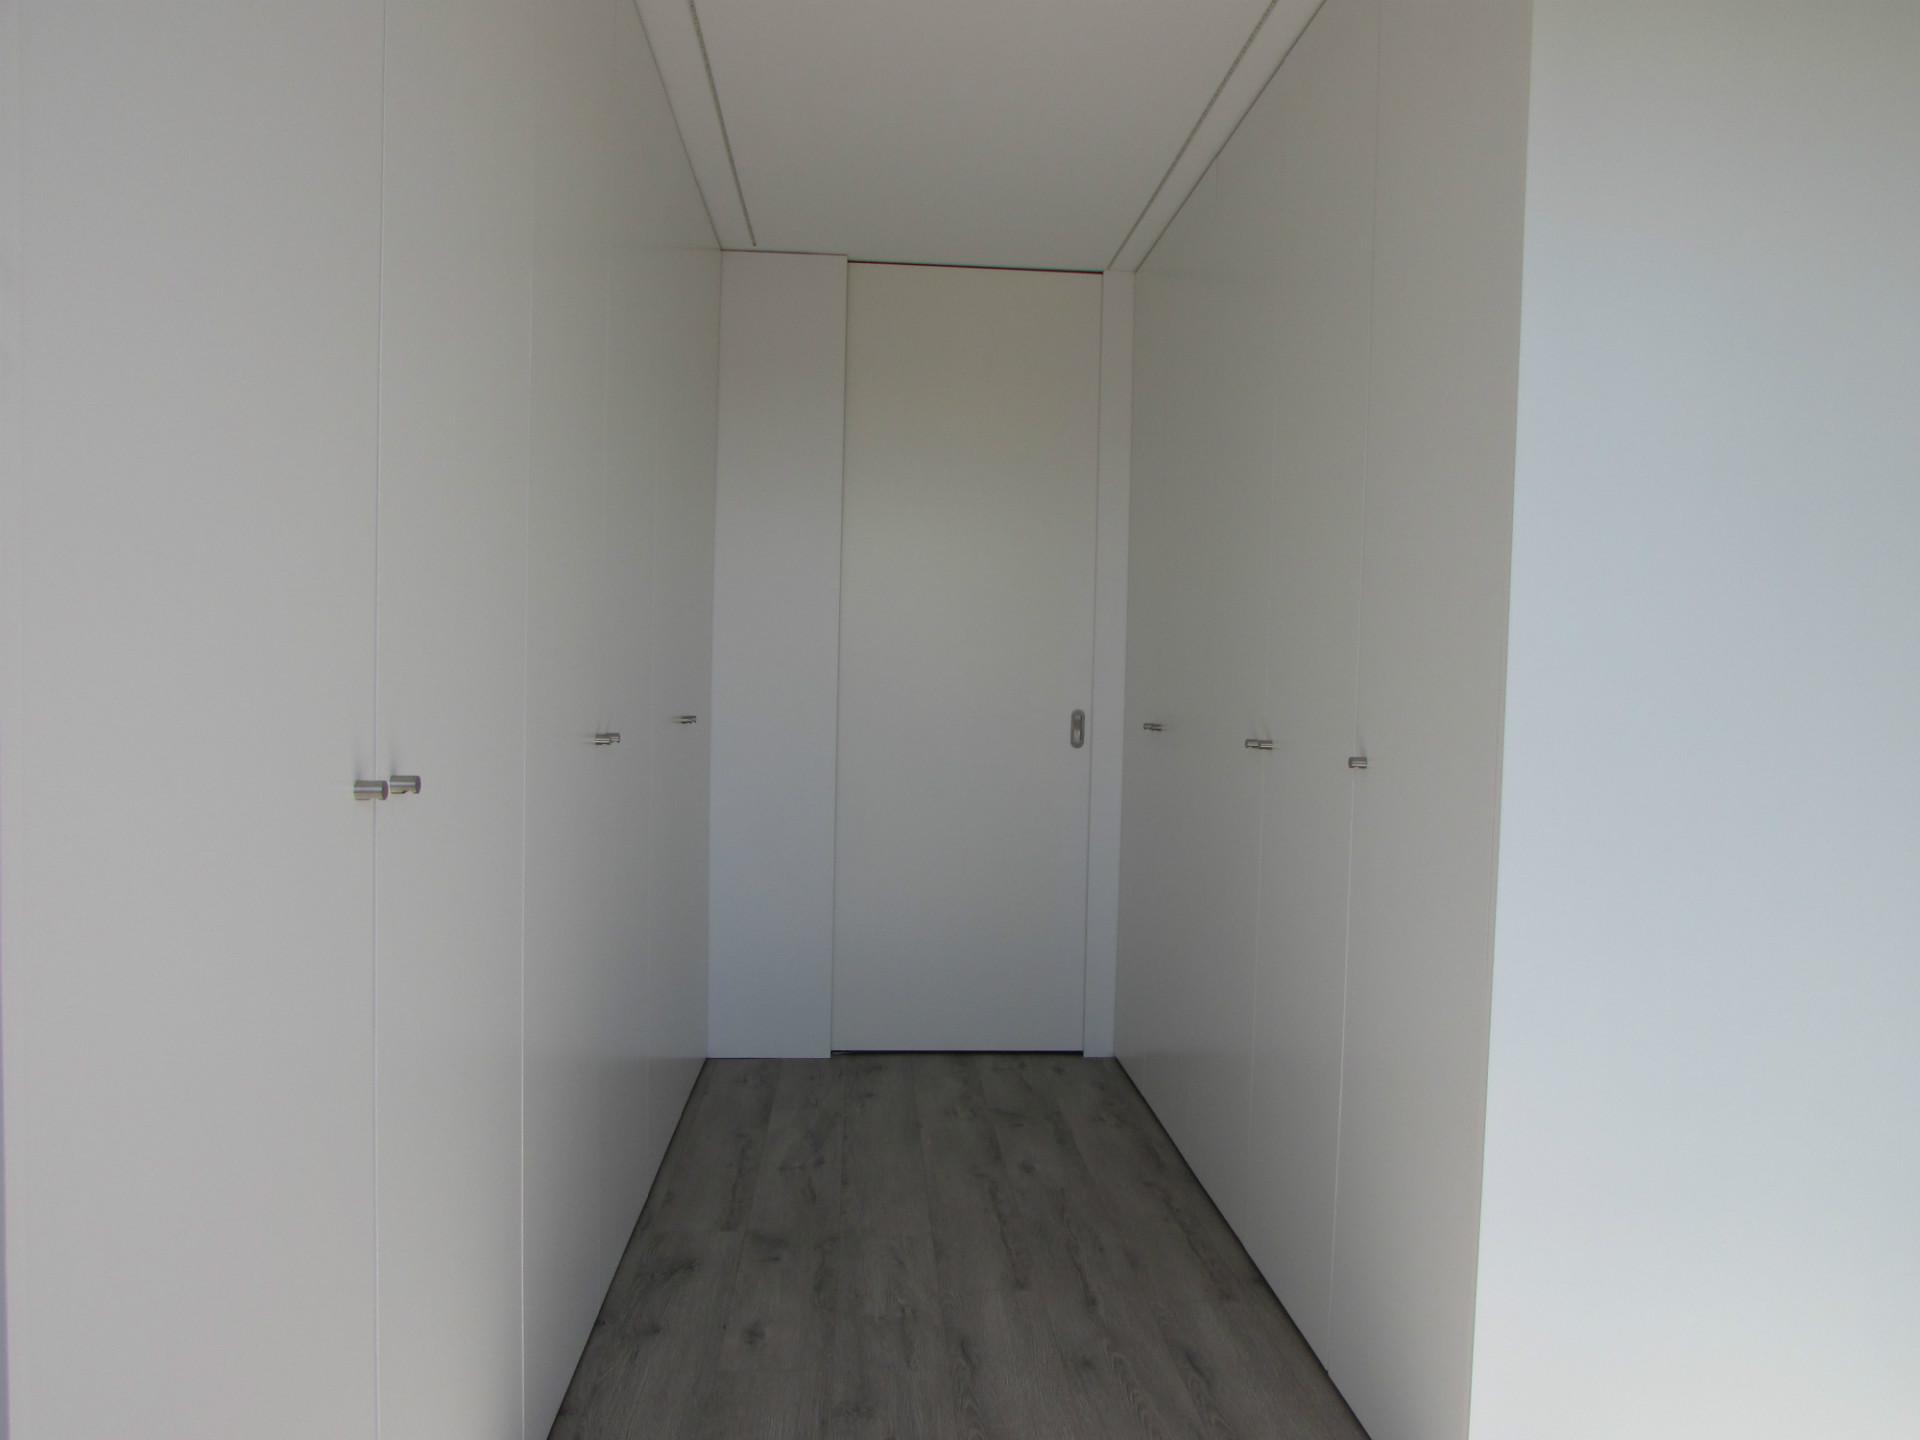 Doppelhaus 4 Schlafzimmer